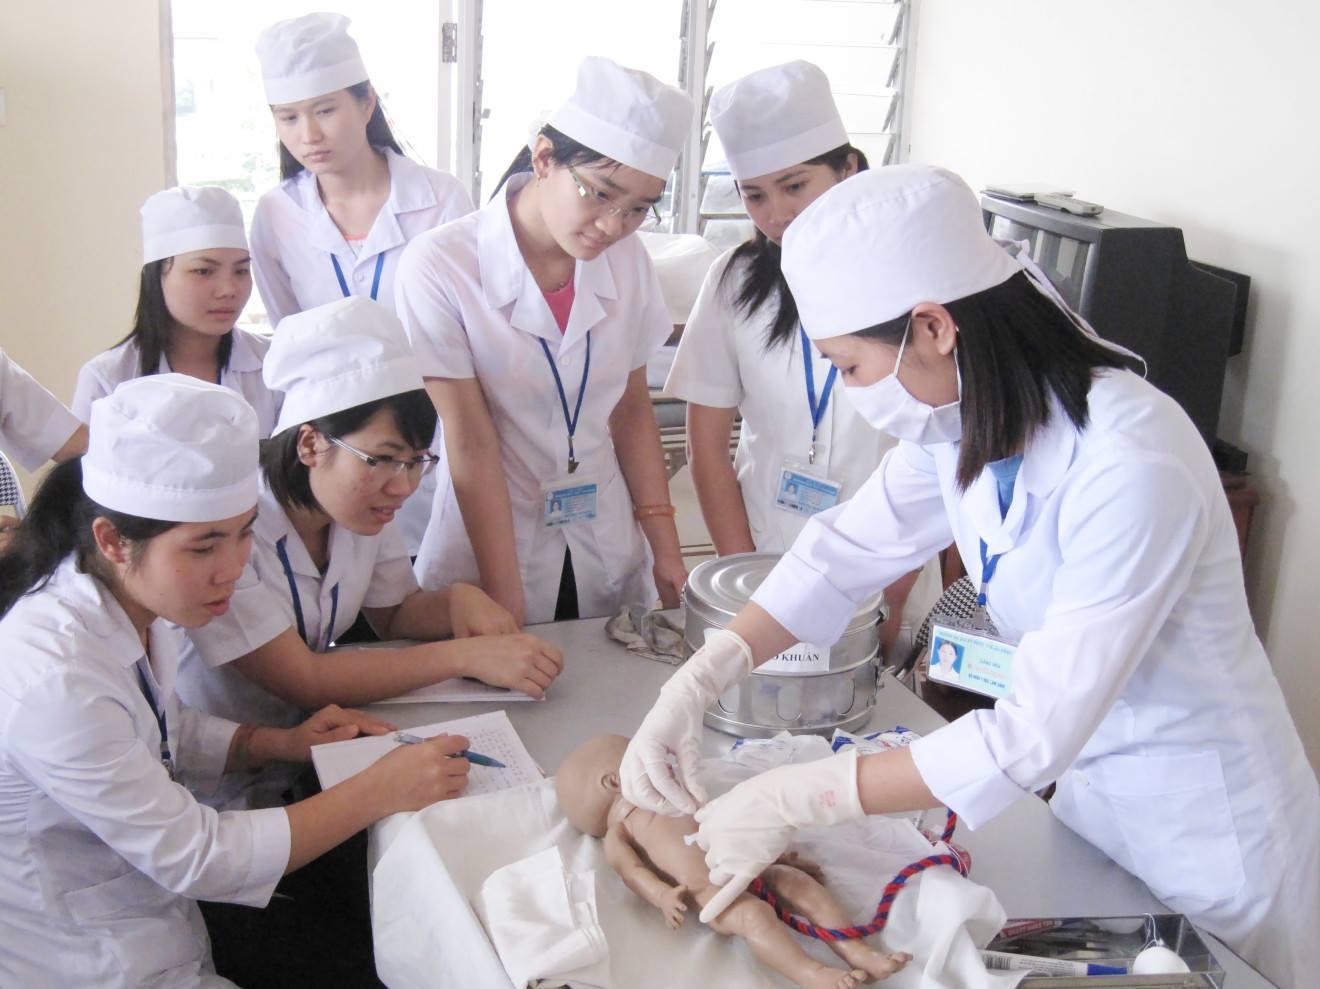 Đặc điểm giống và khác trong công việc của Y sĩ và Điều dưỡng